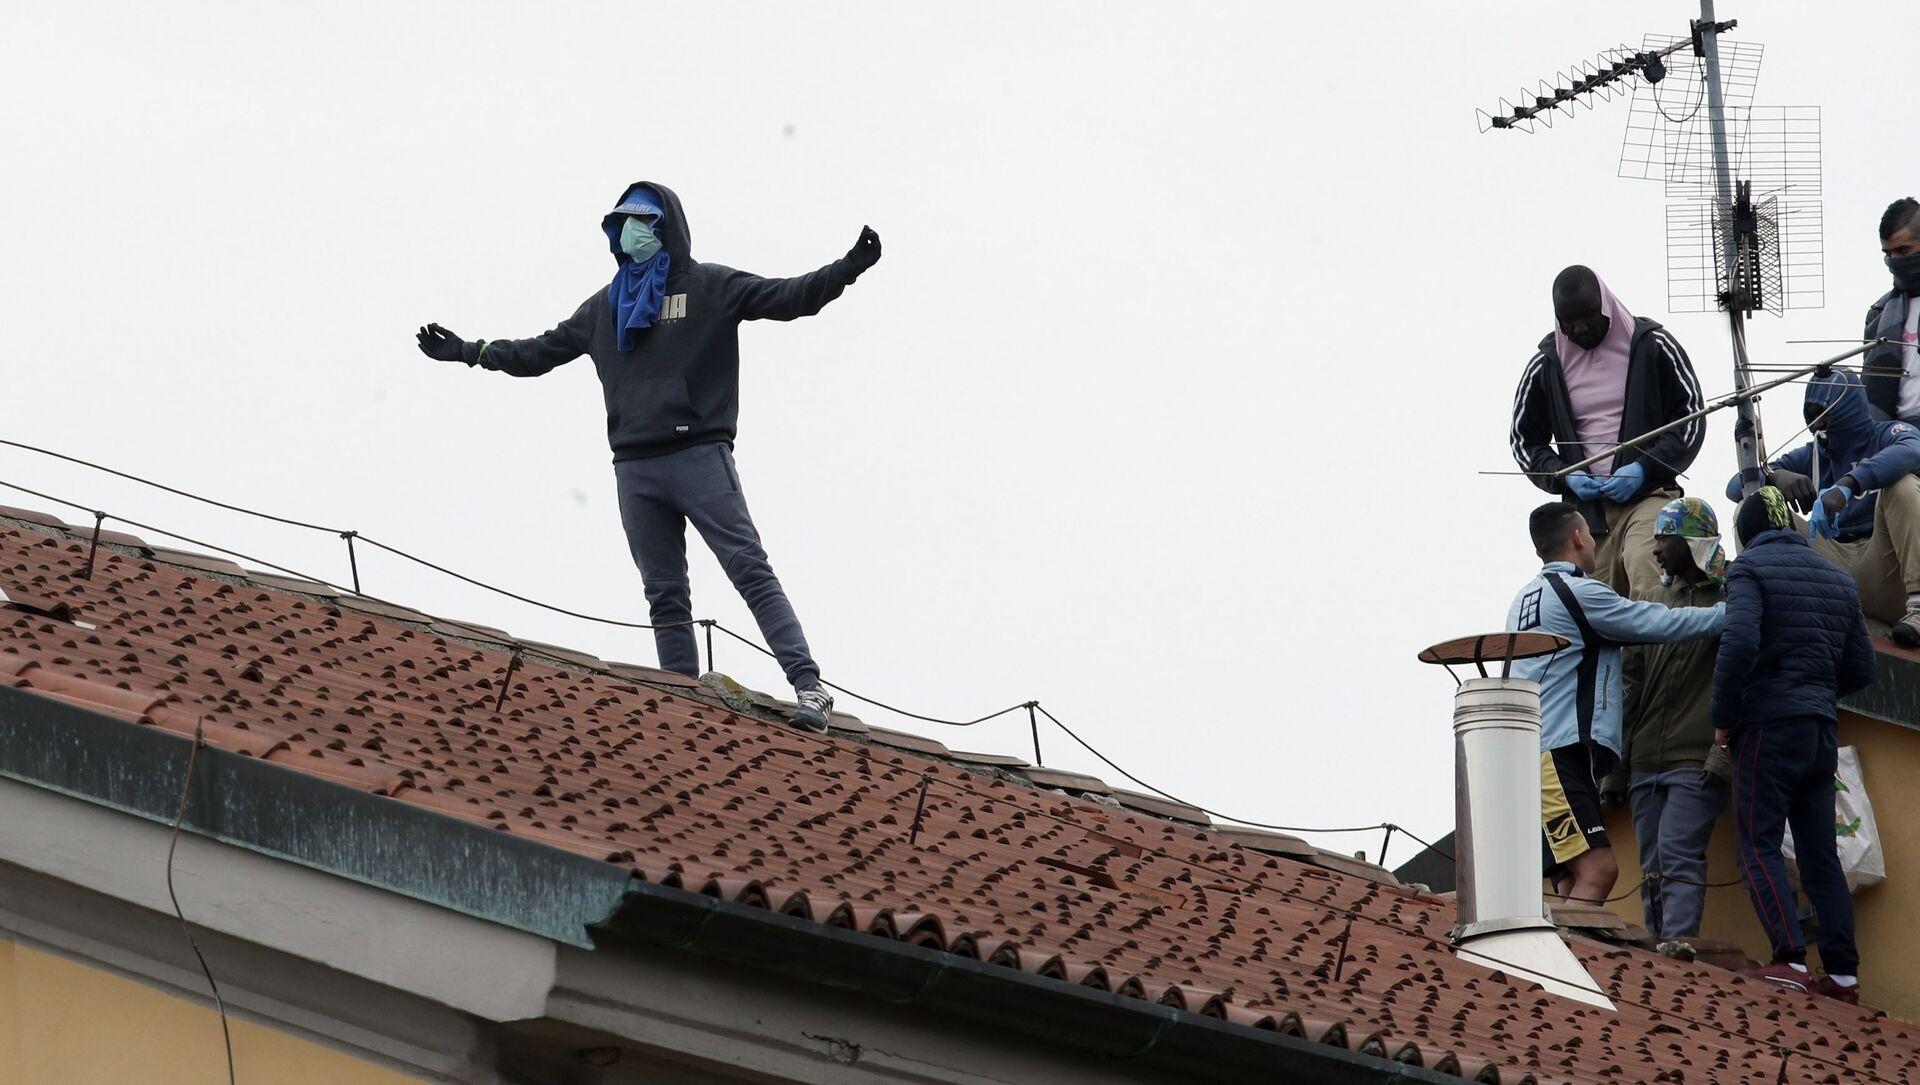 Rivolta in carcere San Vittore a Milano - Sputnik Italia, 1920, 17.02.2021